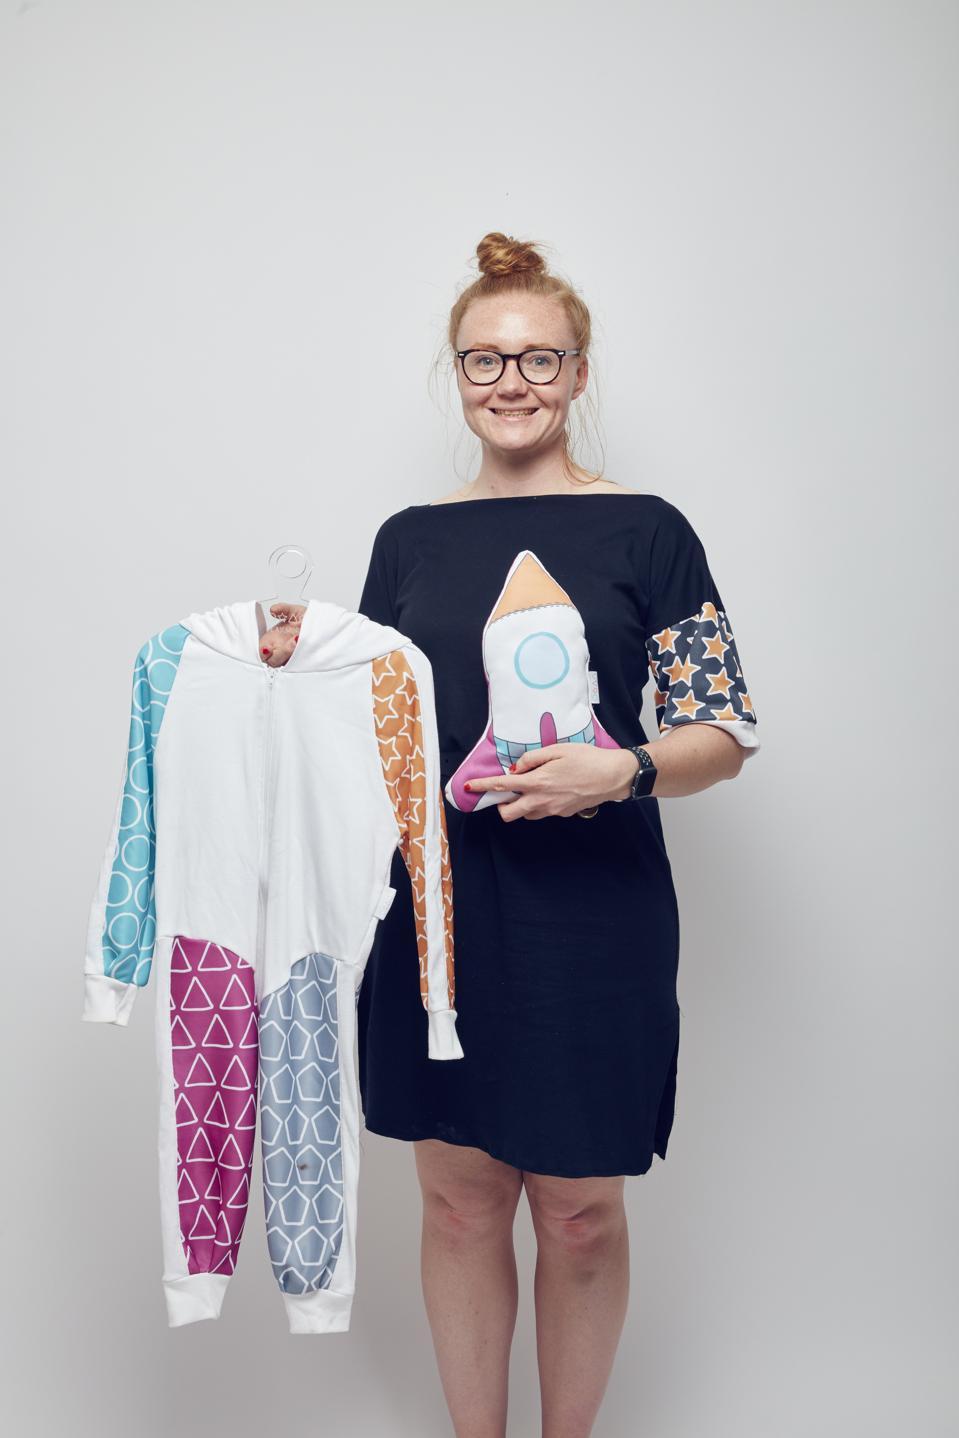 Jenna Maudlin - New Designers 2019